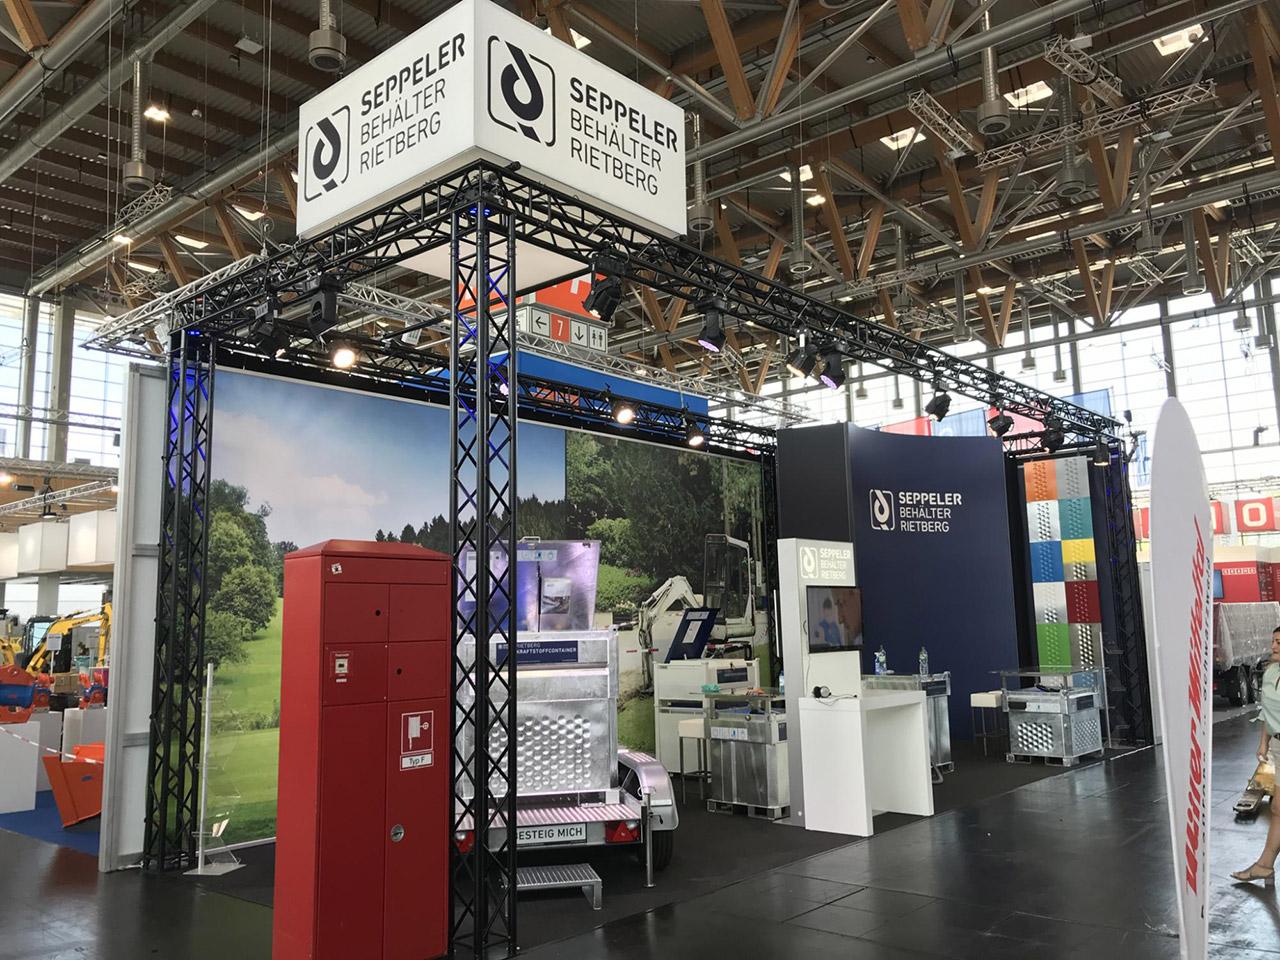 Messestand System Traversen, Teppichboden, große Grafikwand - Messebau Düsseldorf